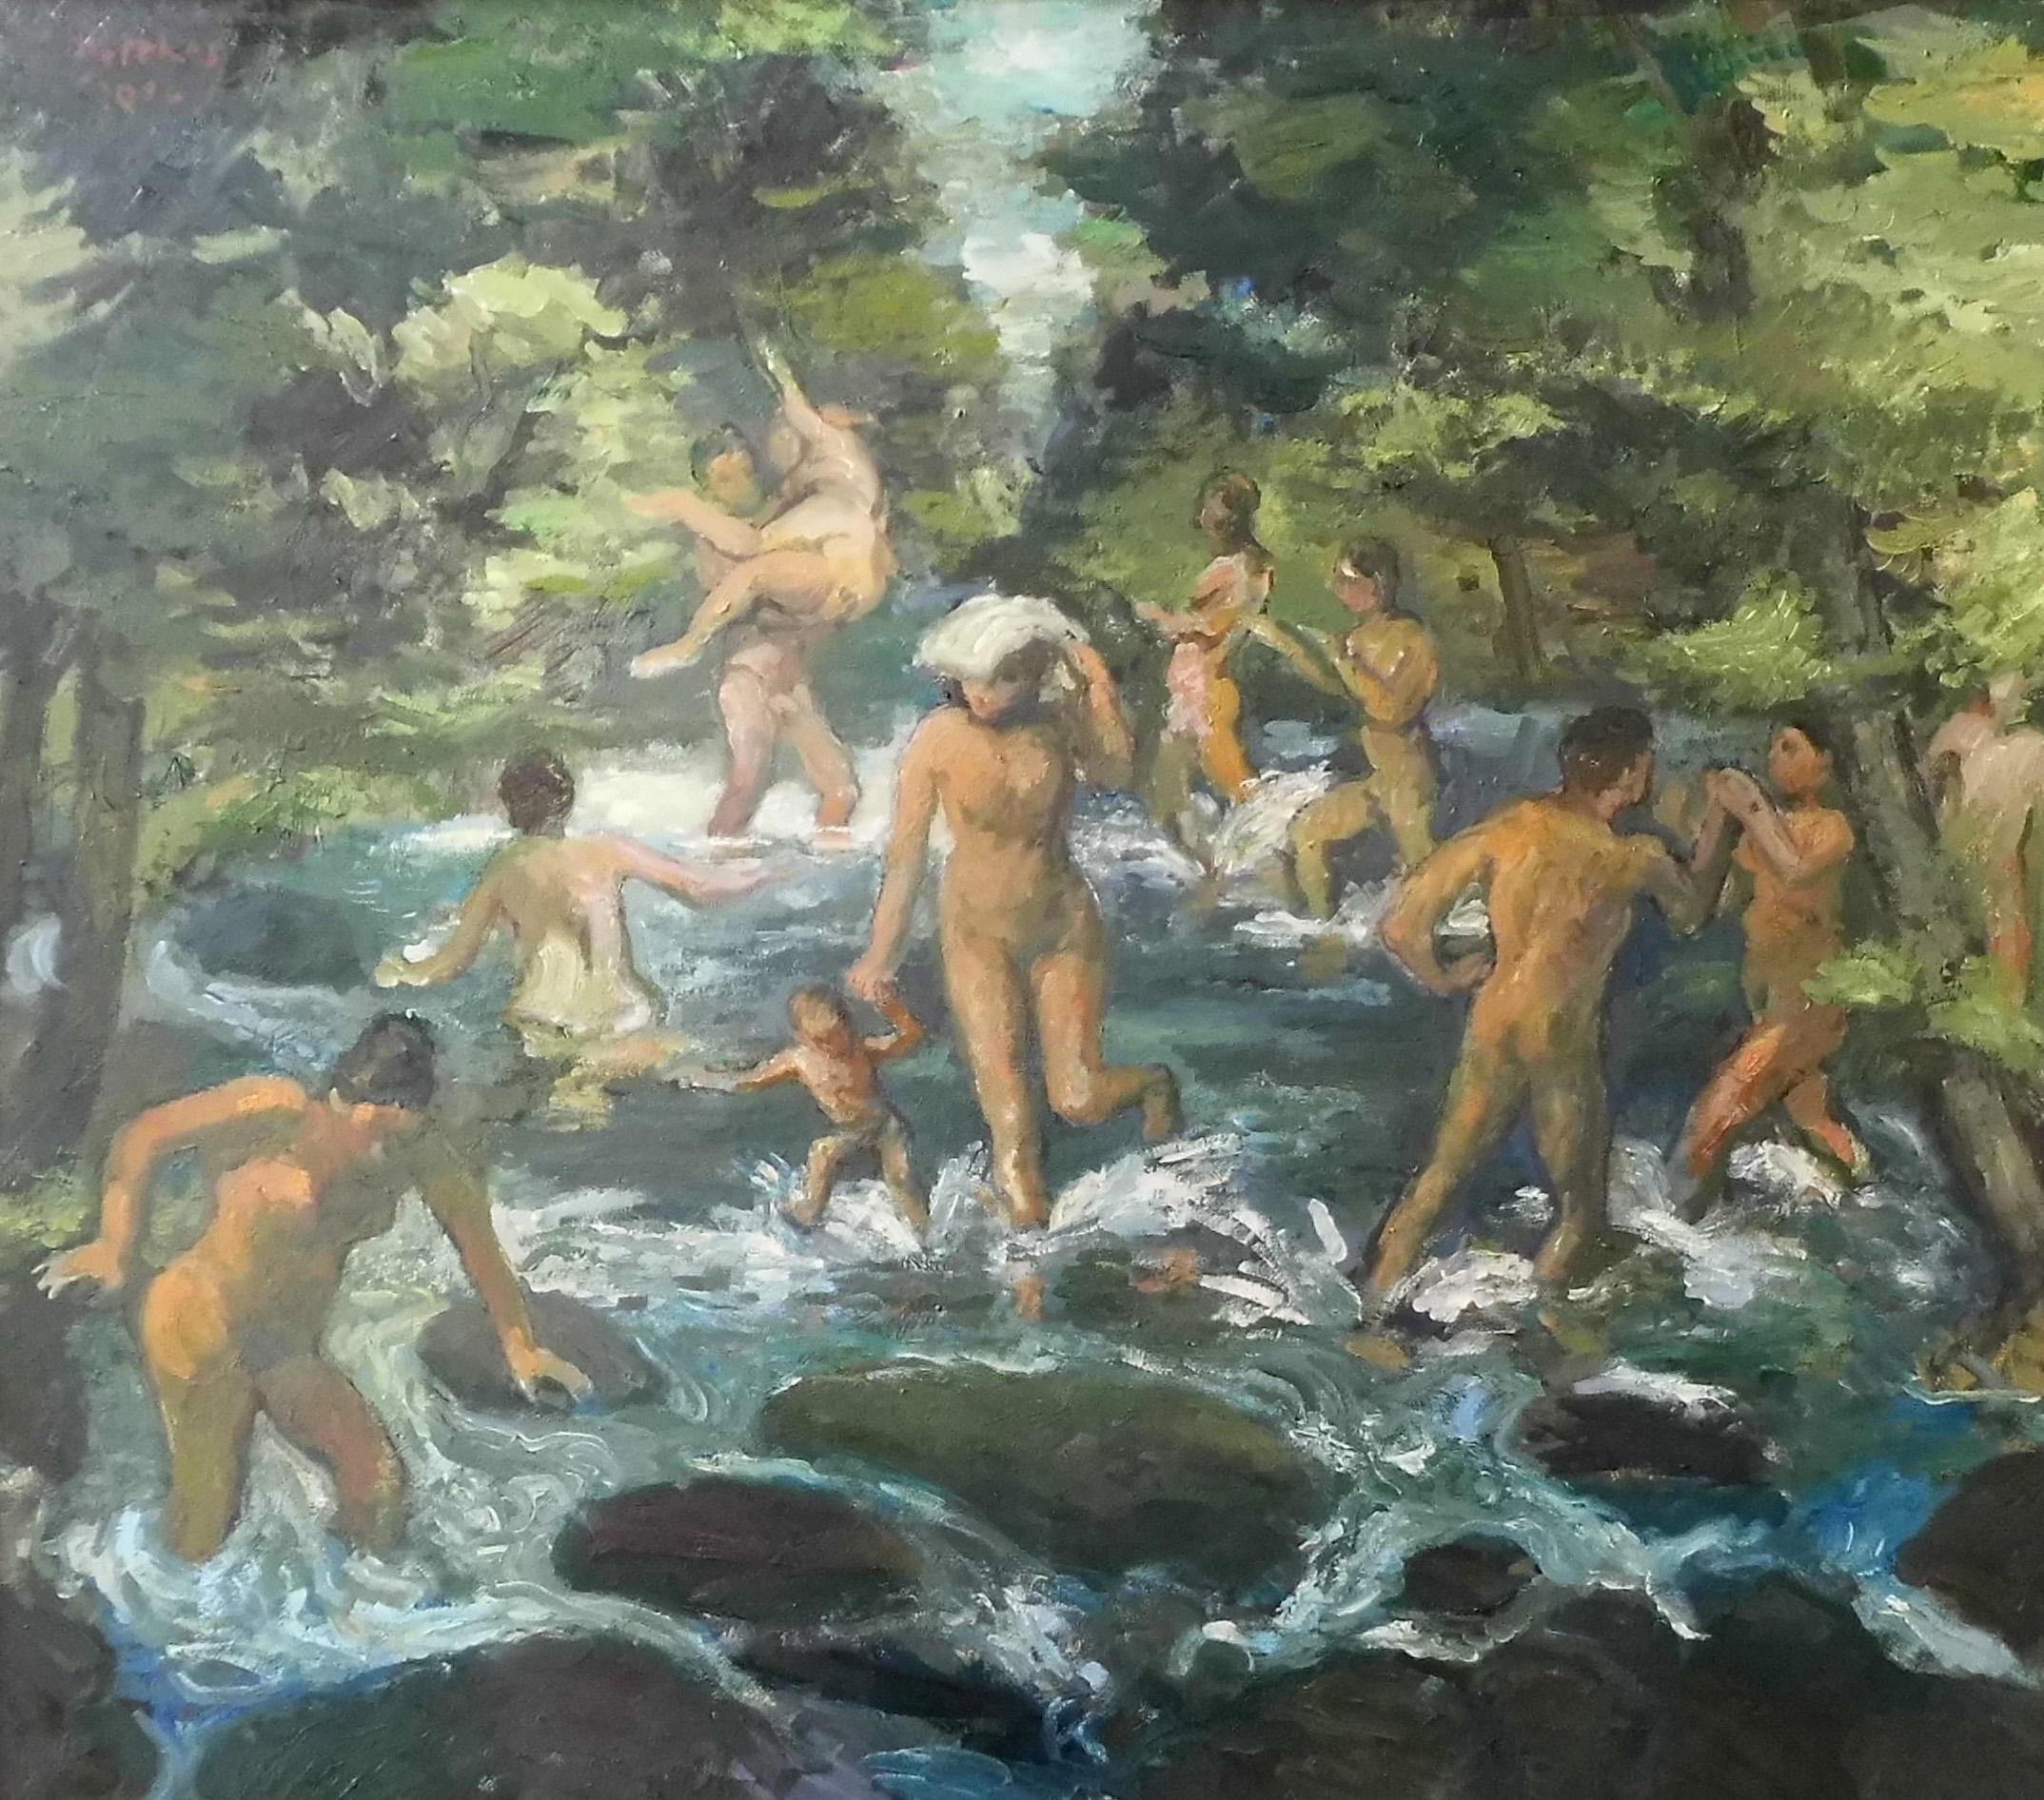 14-harald_metzkes-baden_im_steinigen_bach-2012-oel_auf_leinwand-70x80